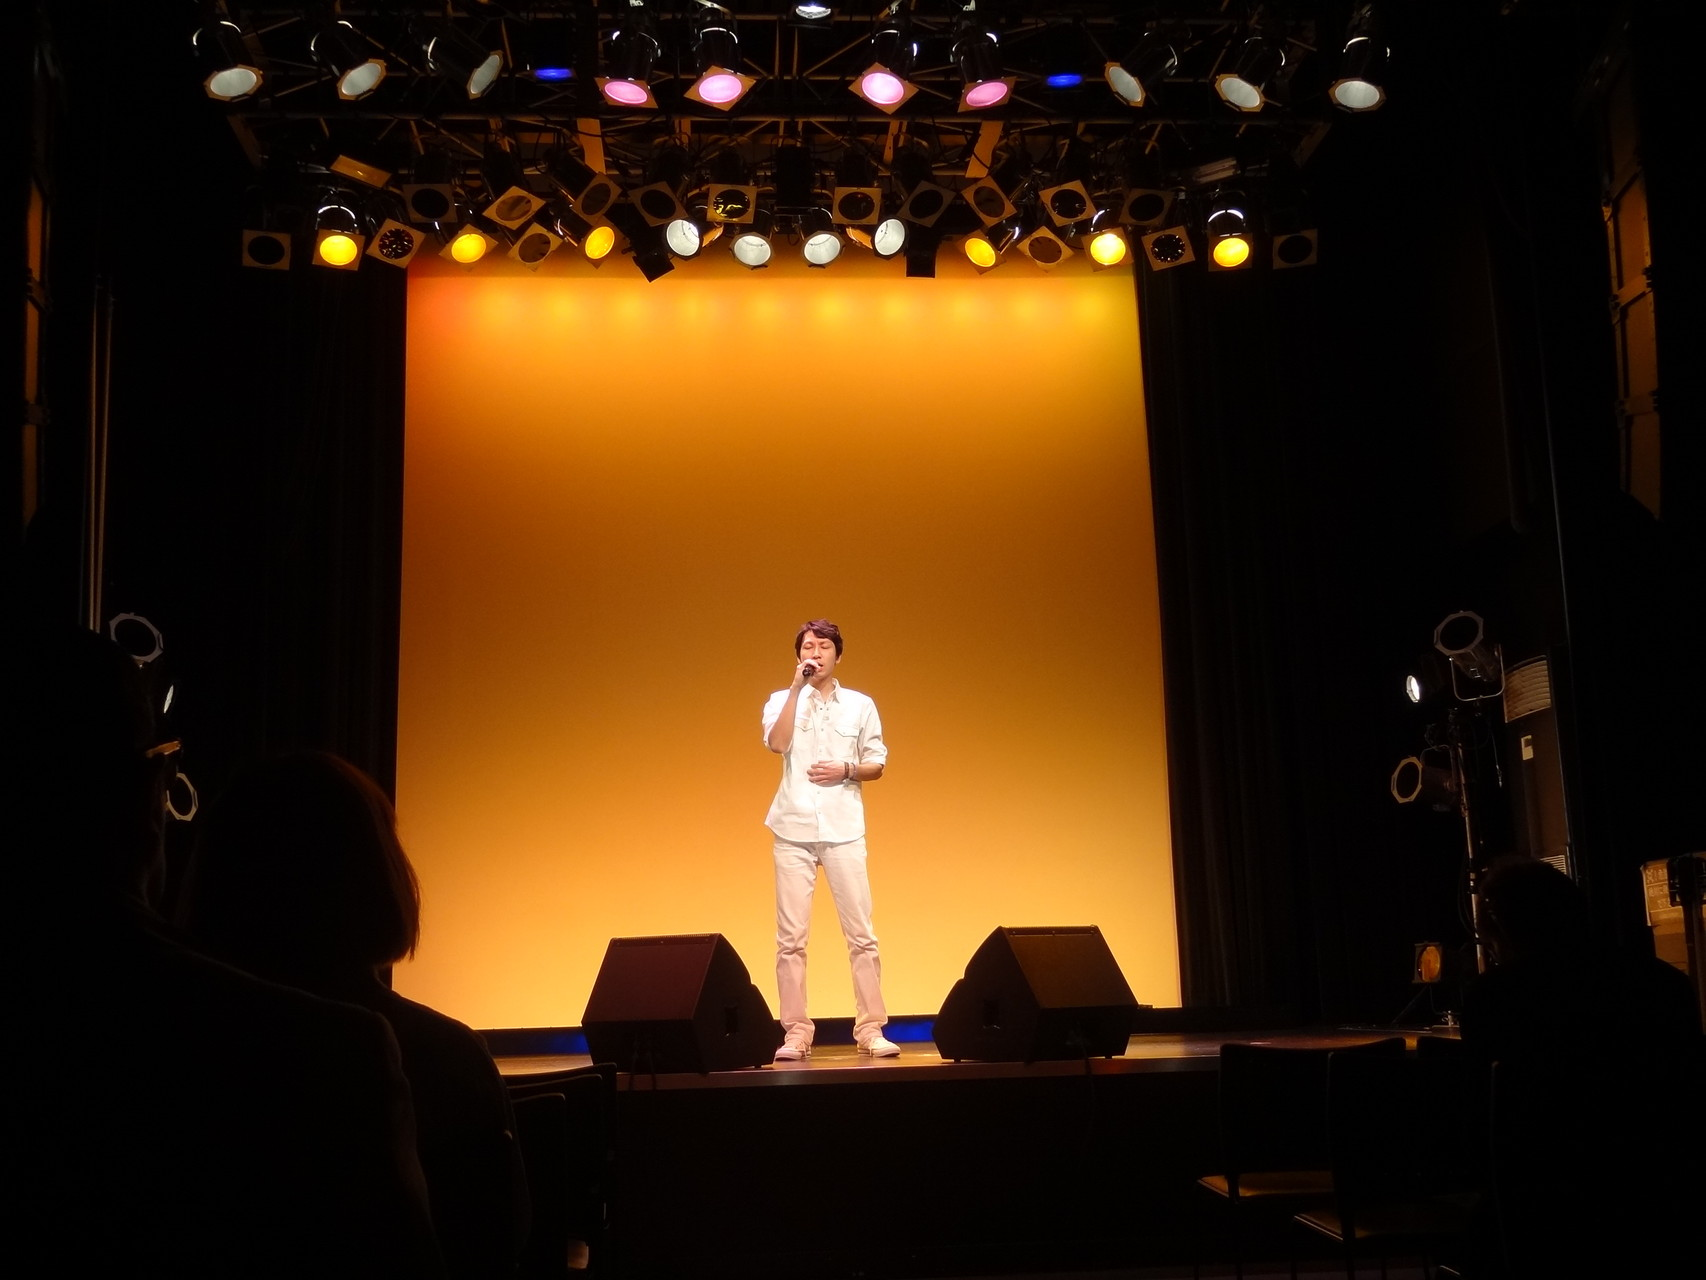 ライブ発表会の様子